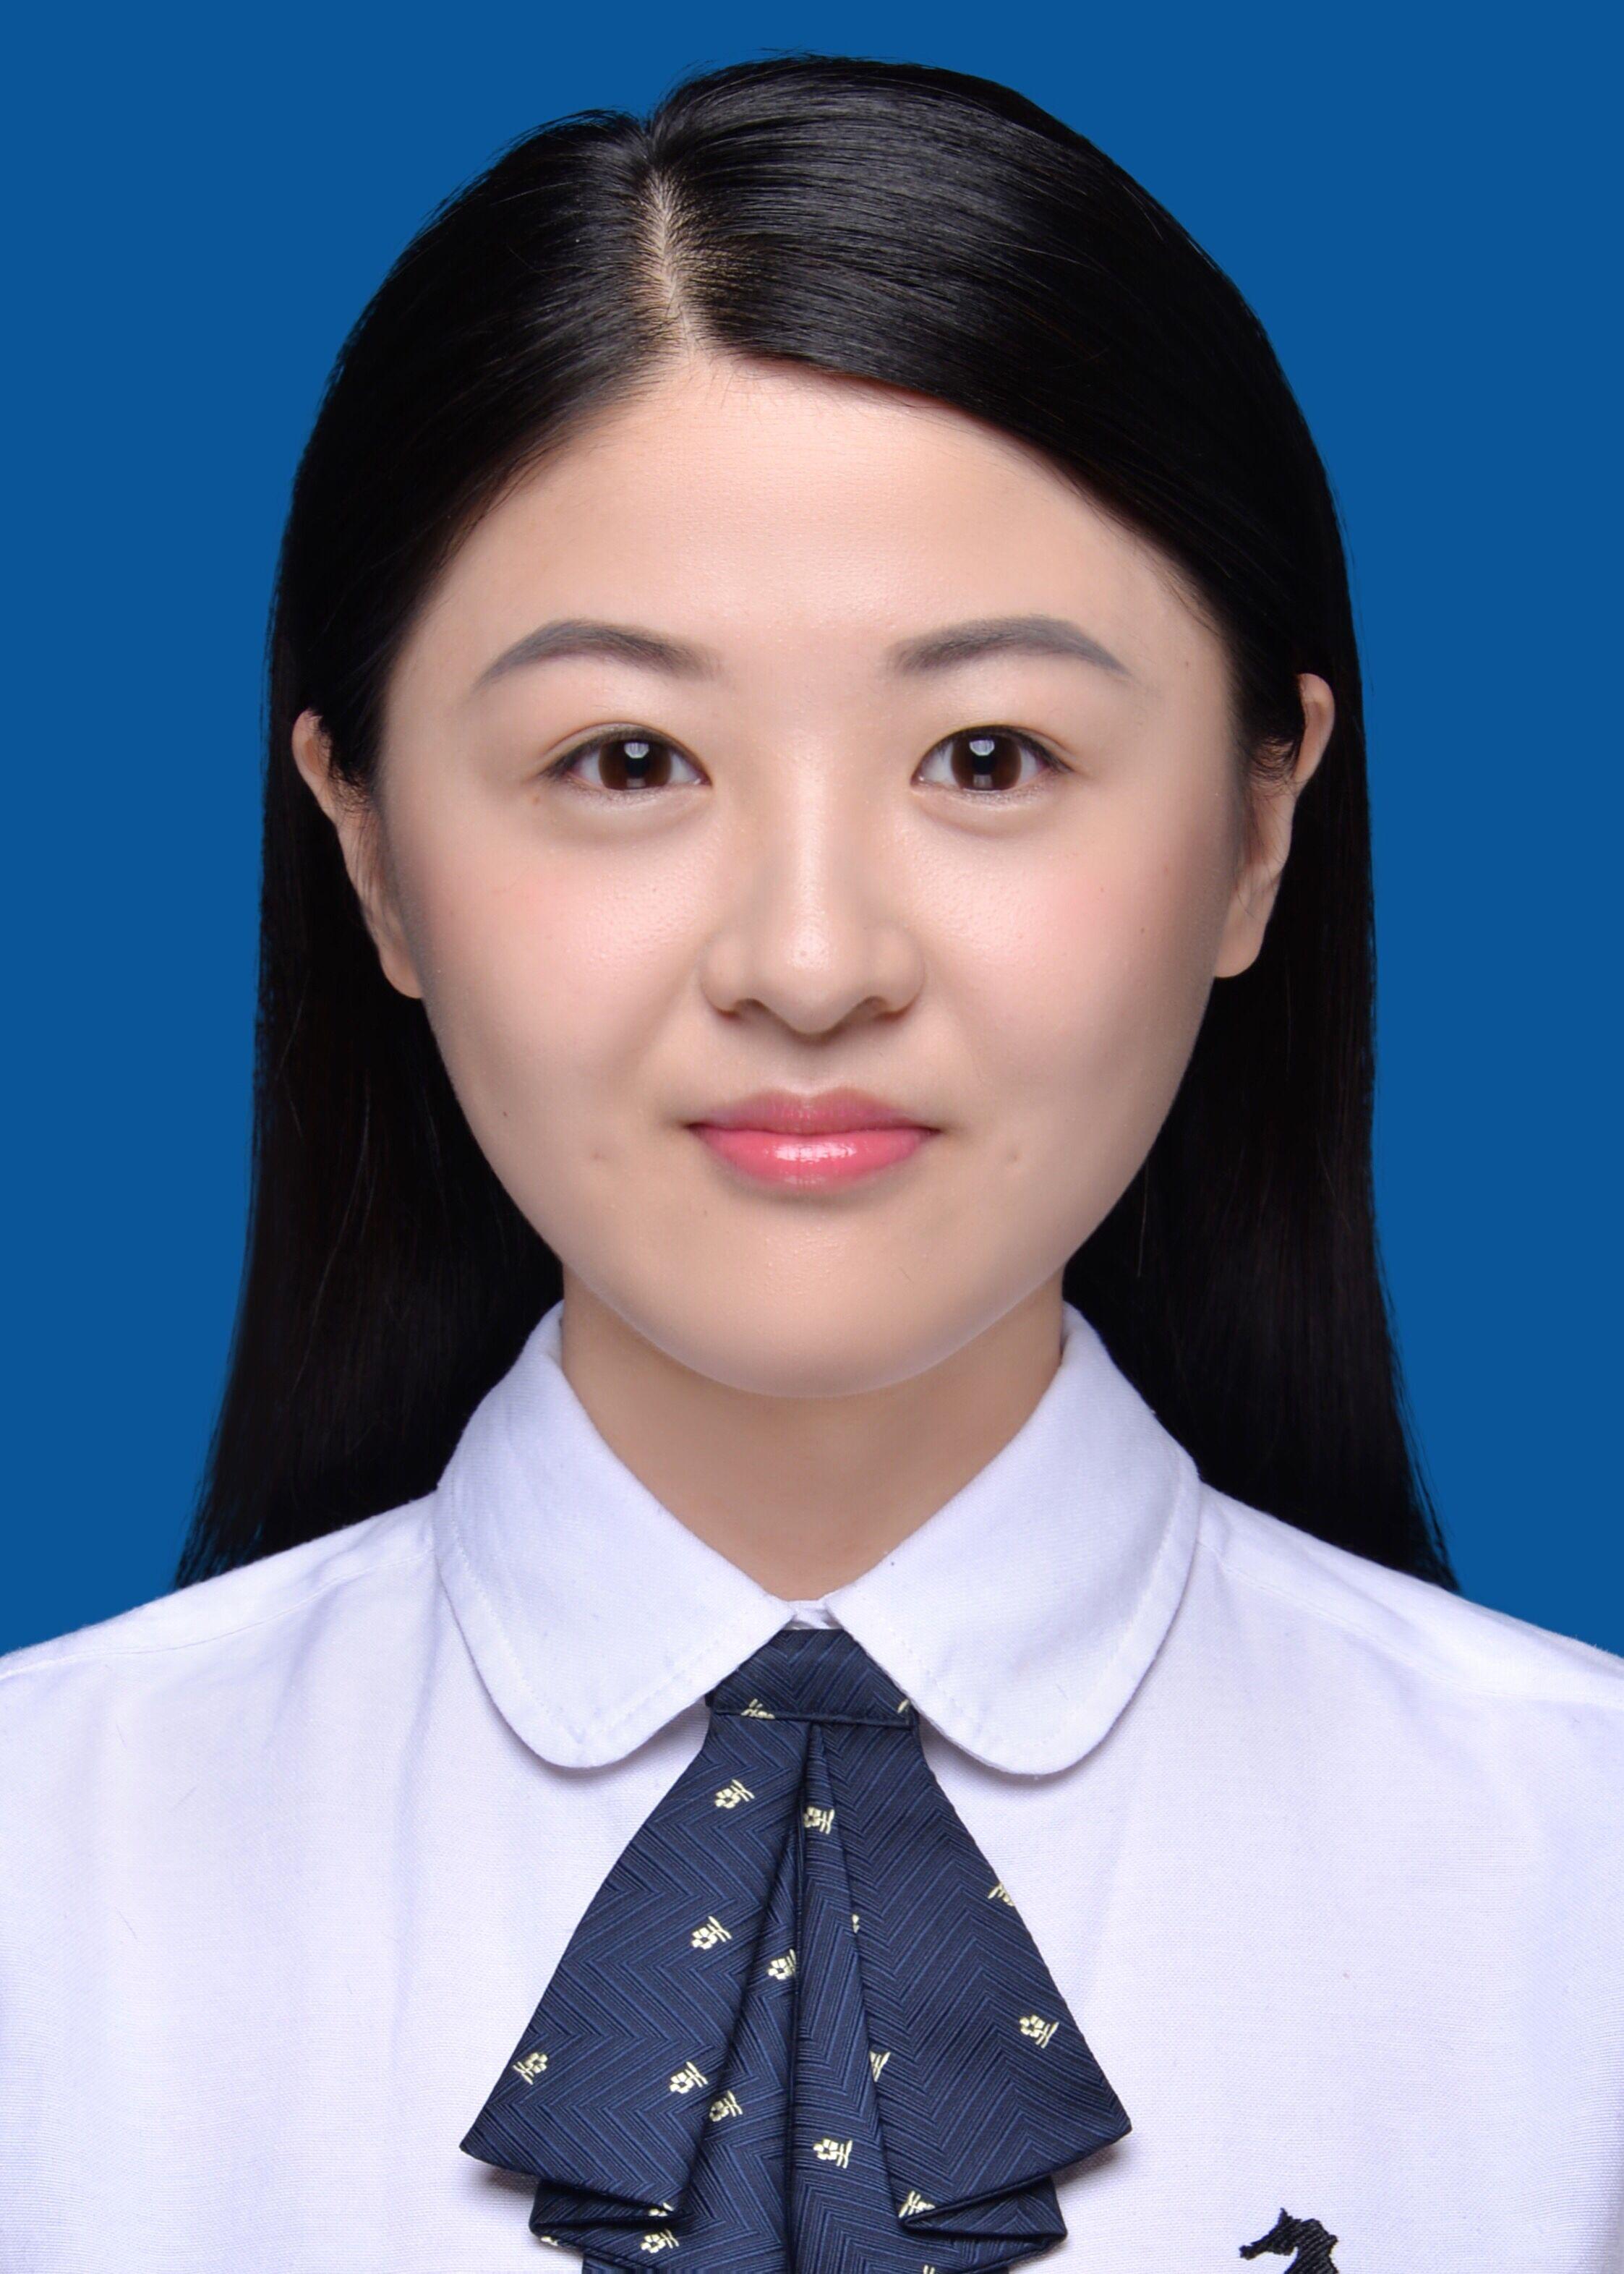 杭州家教贾教员